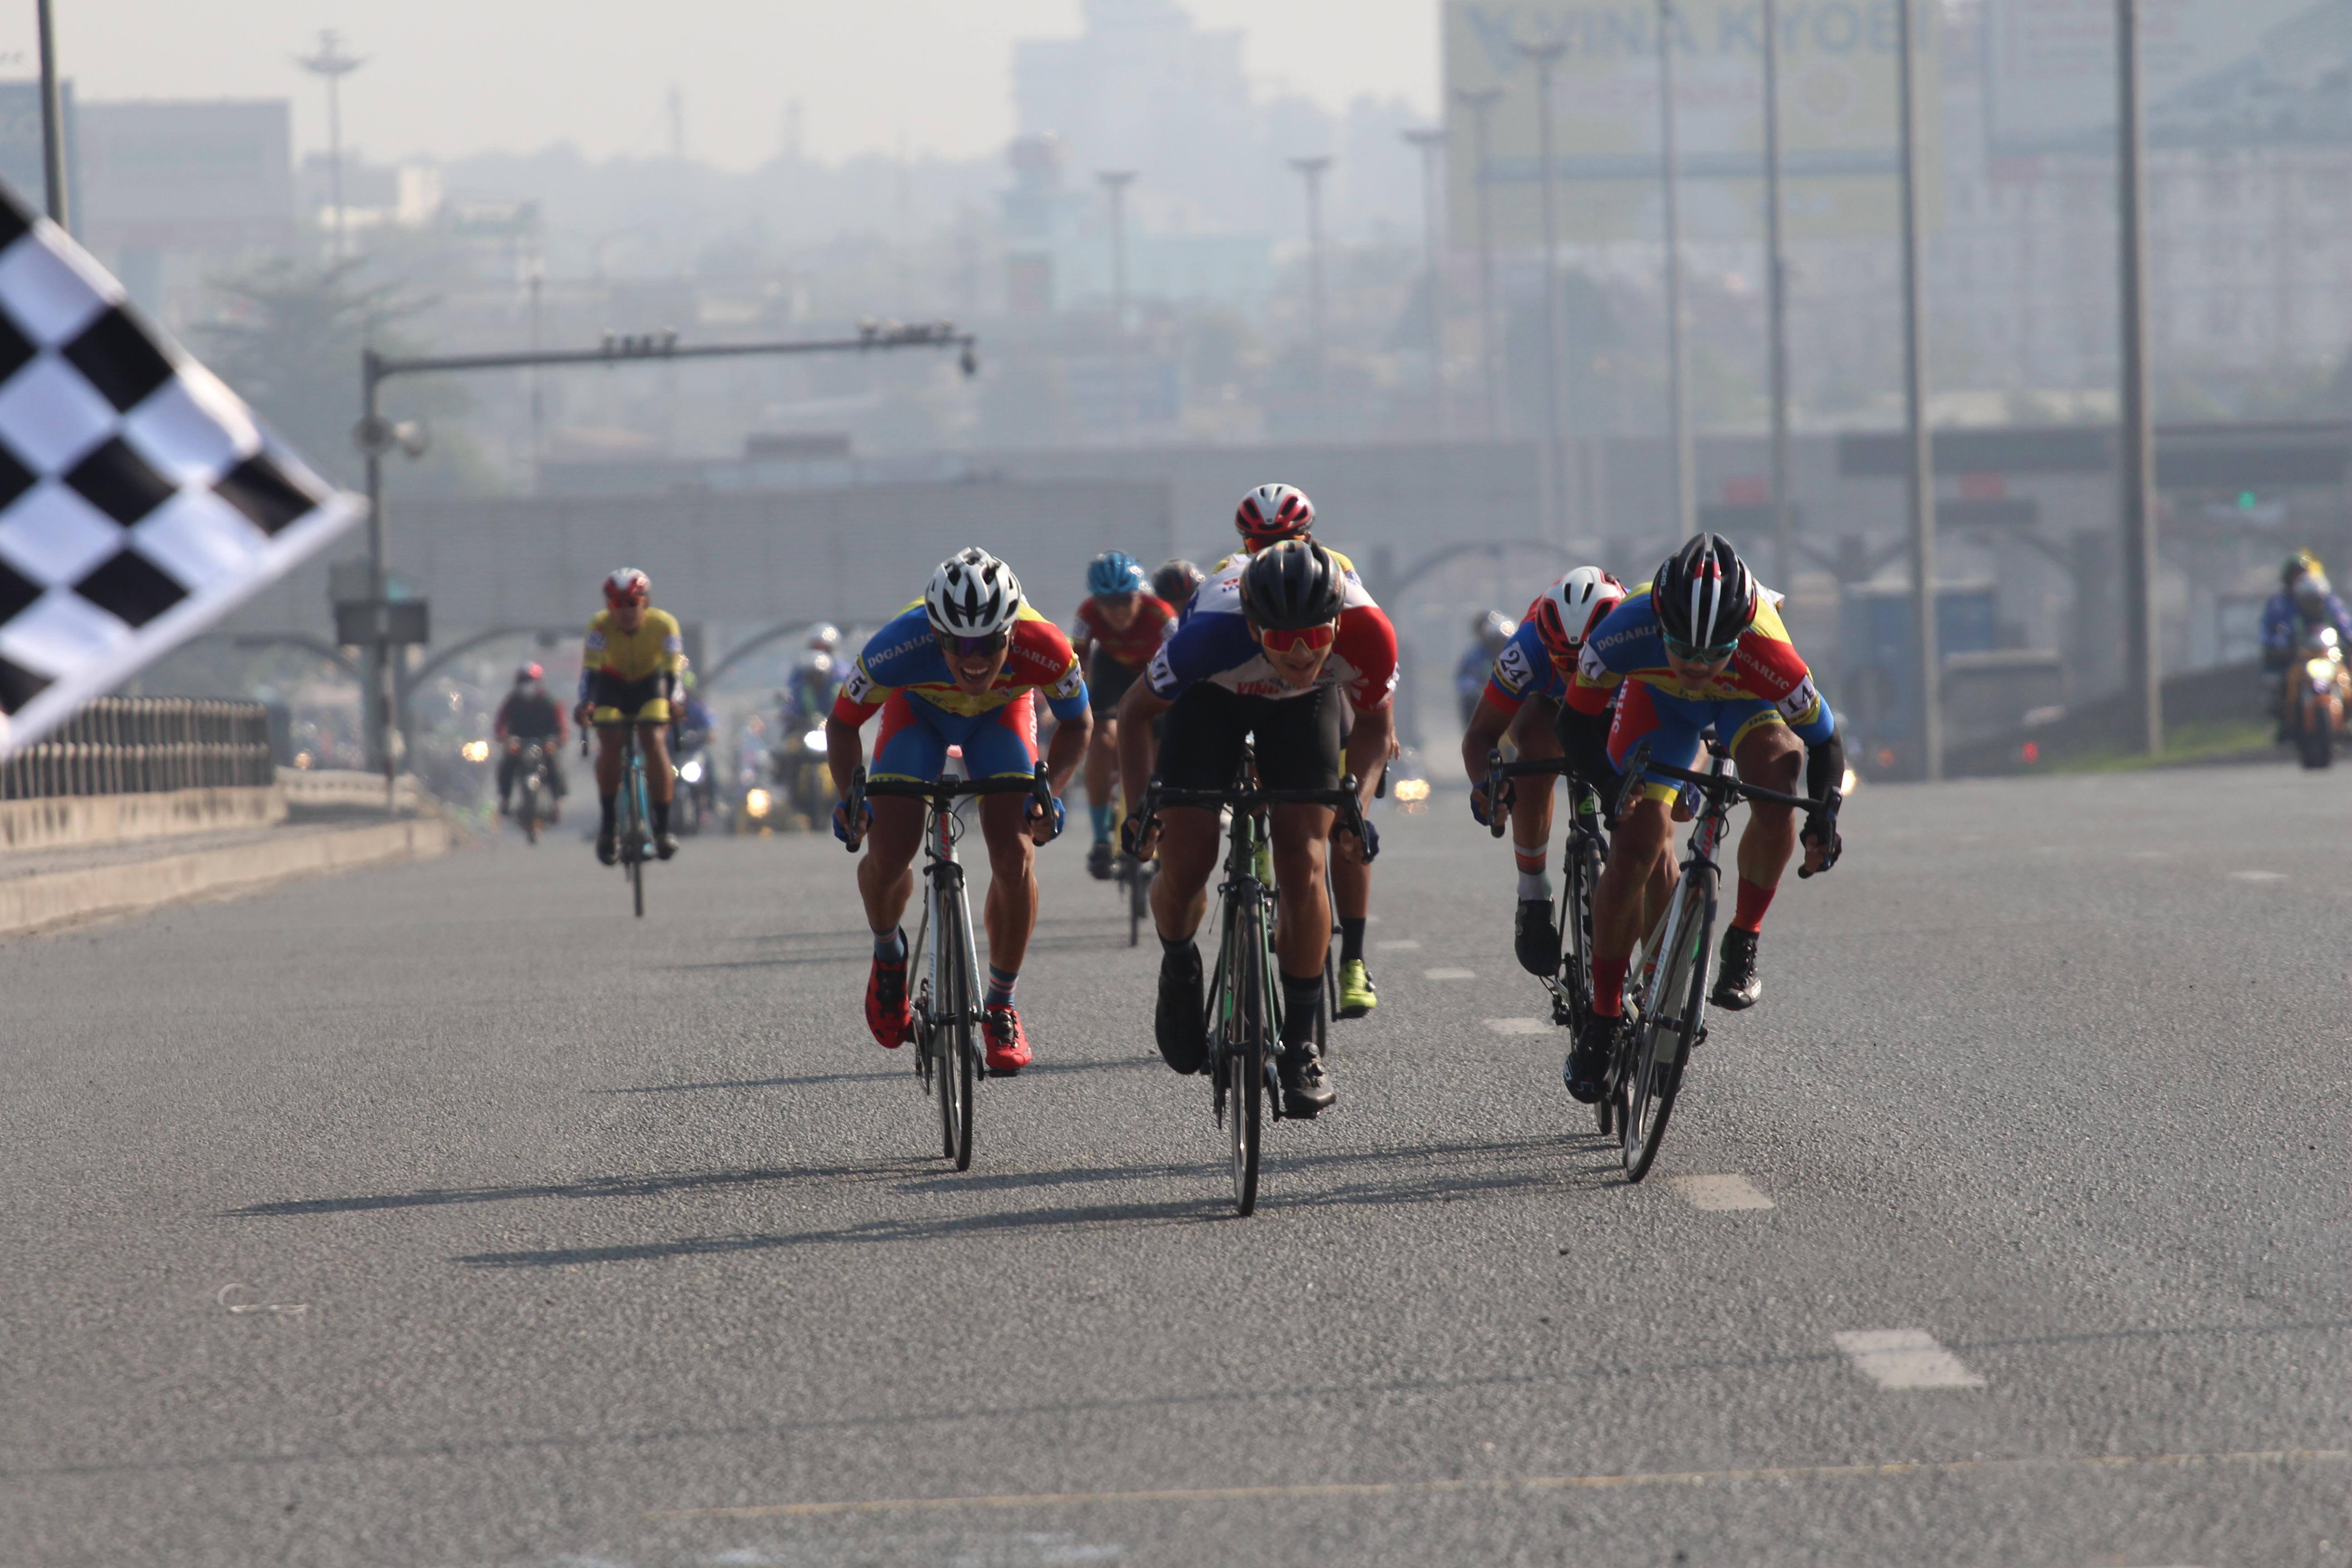 Hình ảnh: Ê kíp An Giang thắng lớn tại giải xe đạp Nam Kỳ Khởi Nghĩa 2020 số 4